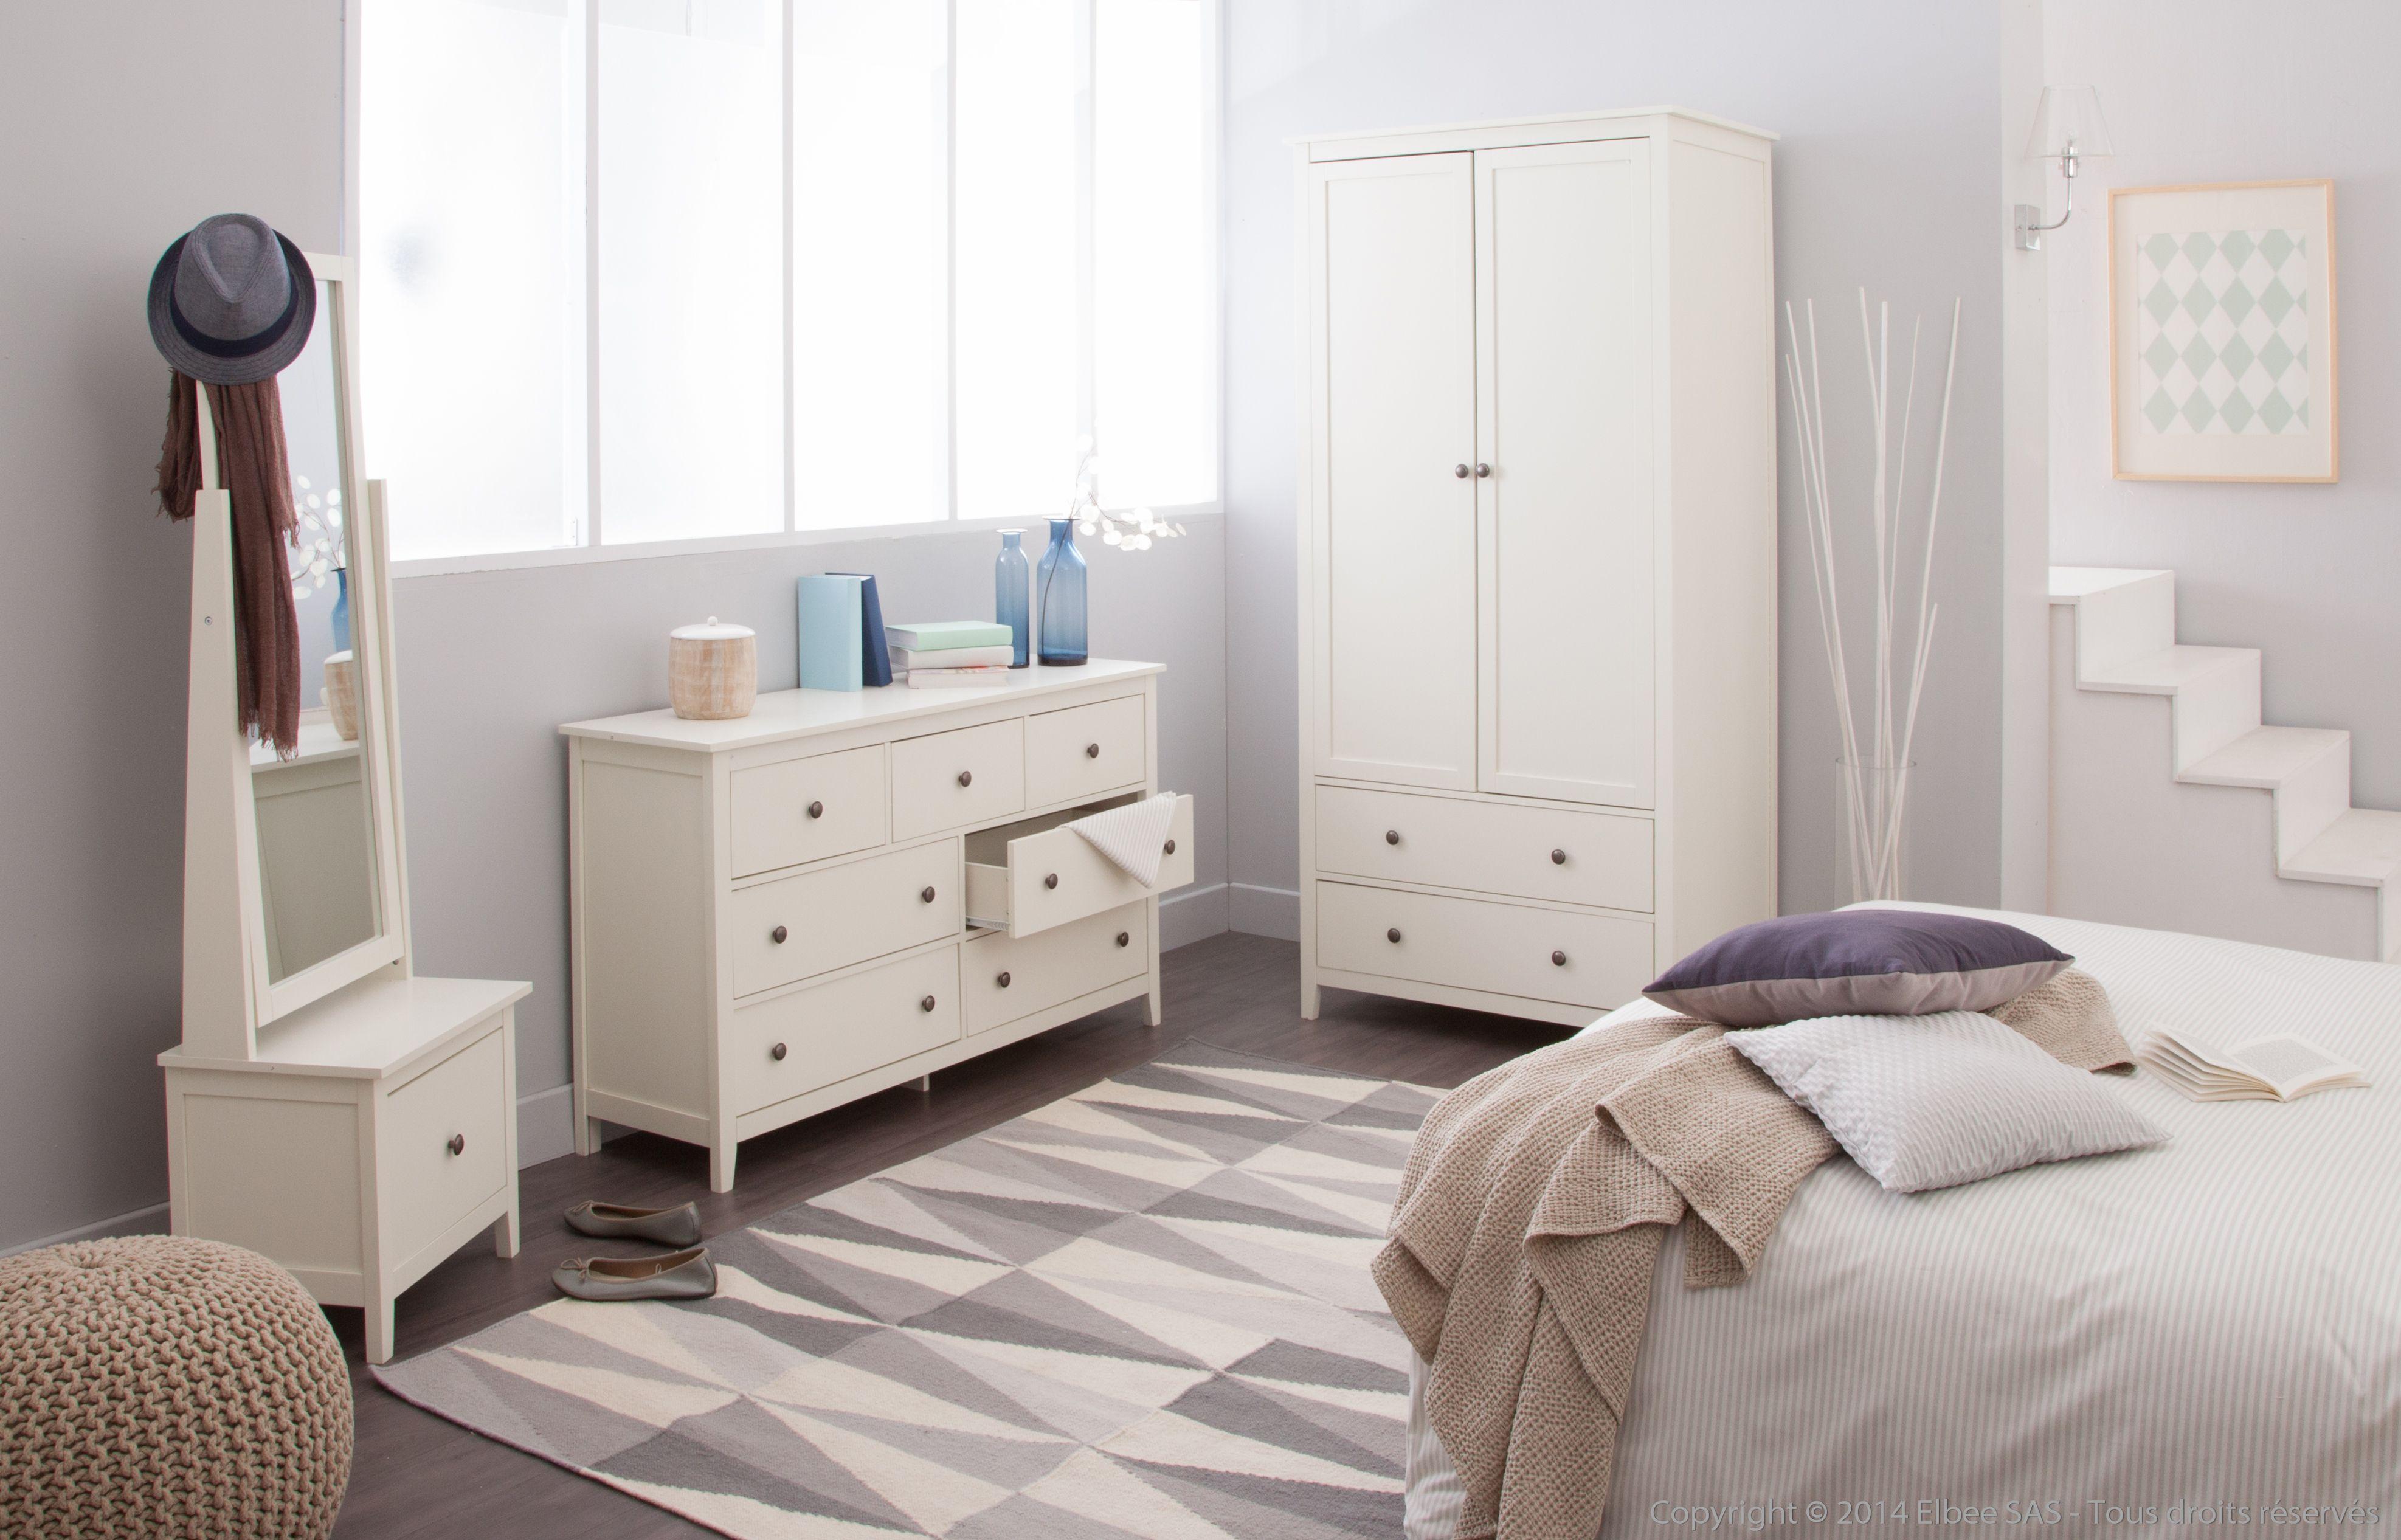 chambre apaisante aux couleurs douces avec des meubles blancs collection justine dans. Black Bedroom Furniture Sets. Home Design Ideas